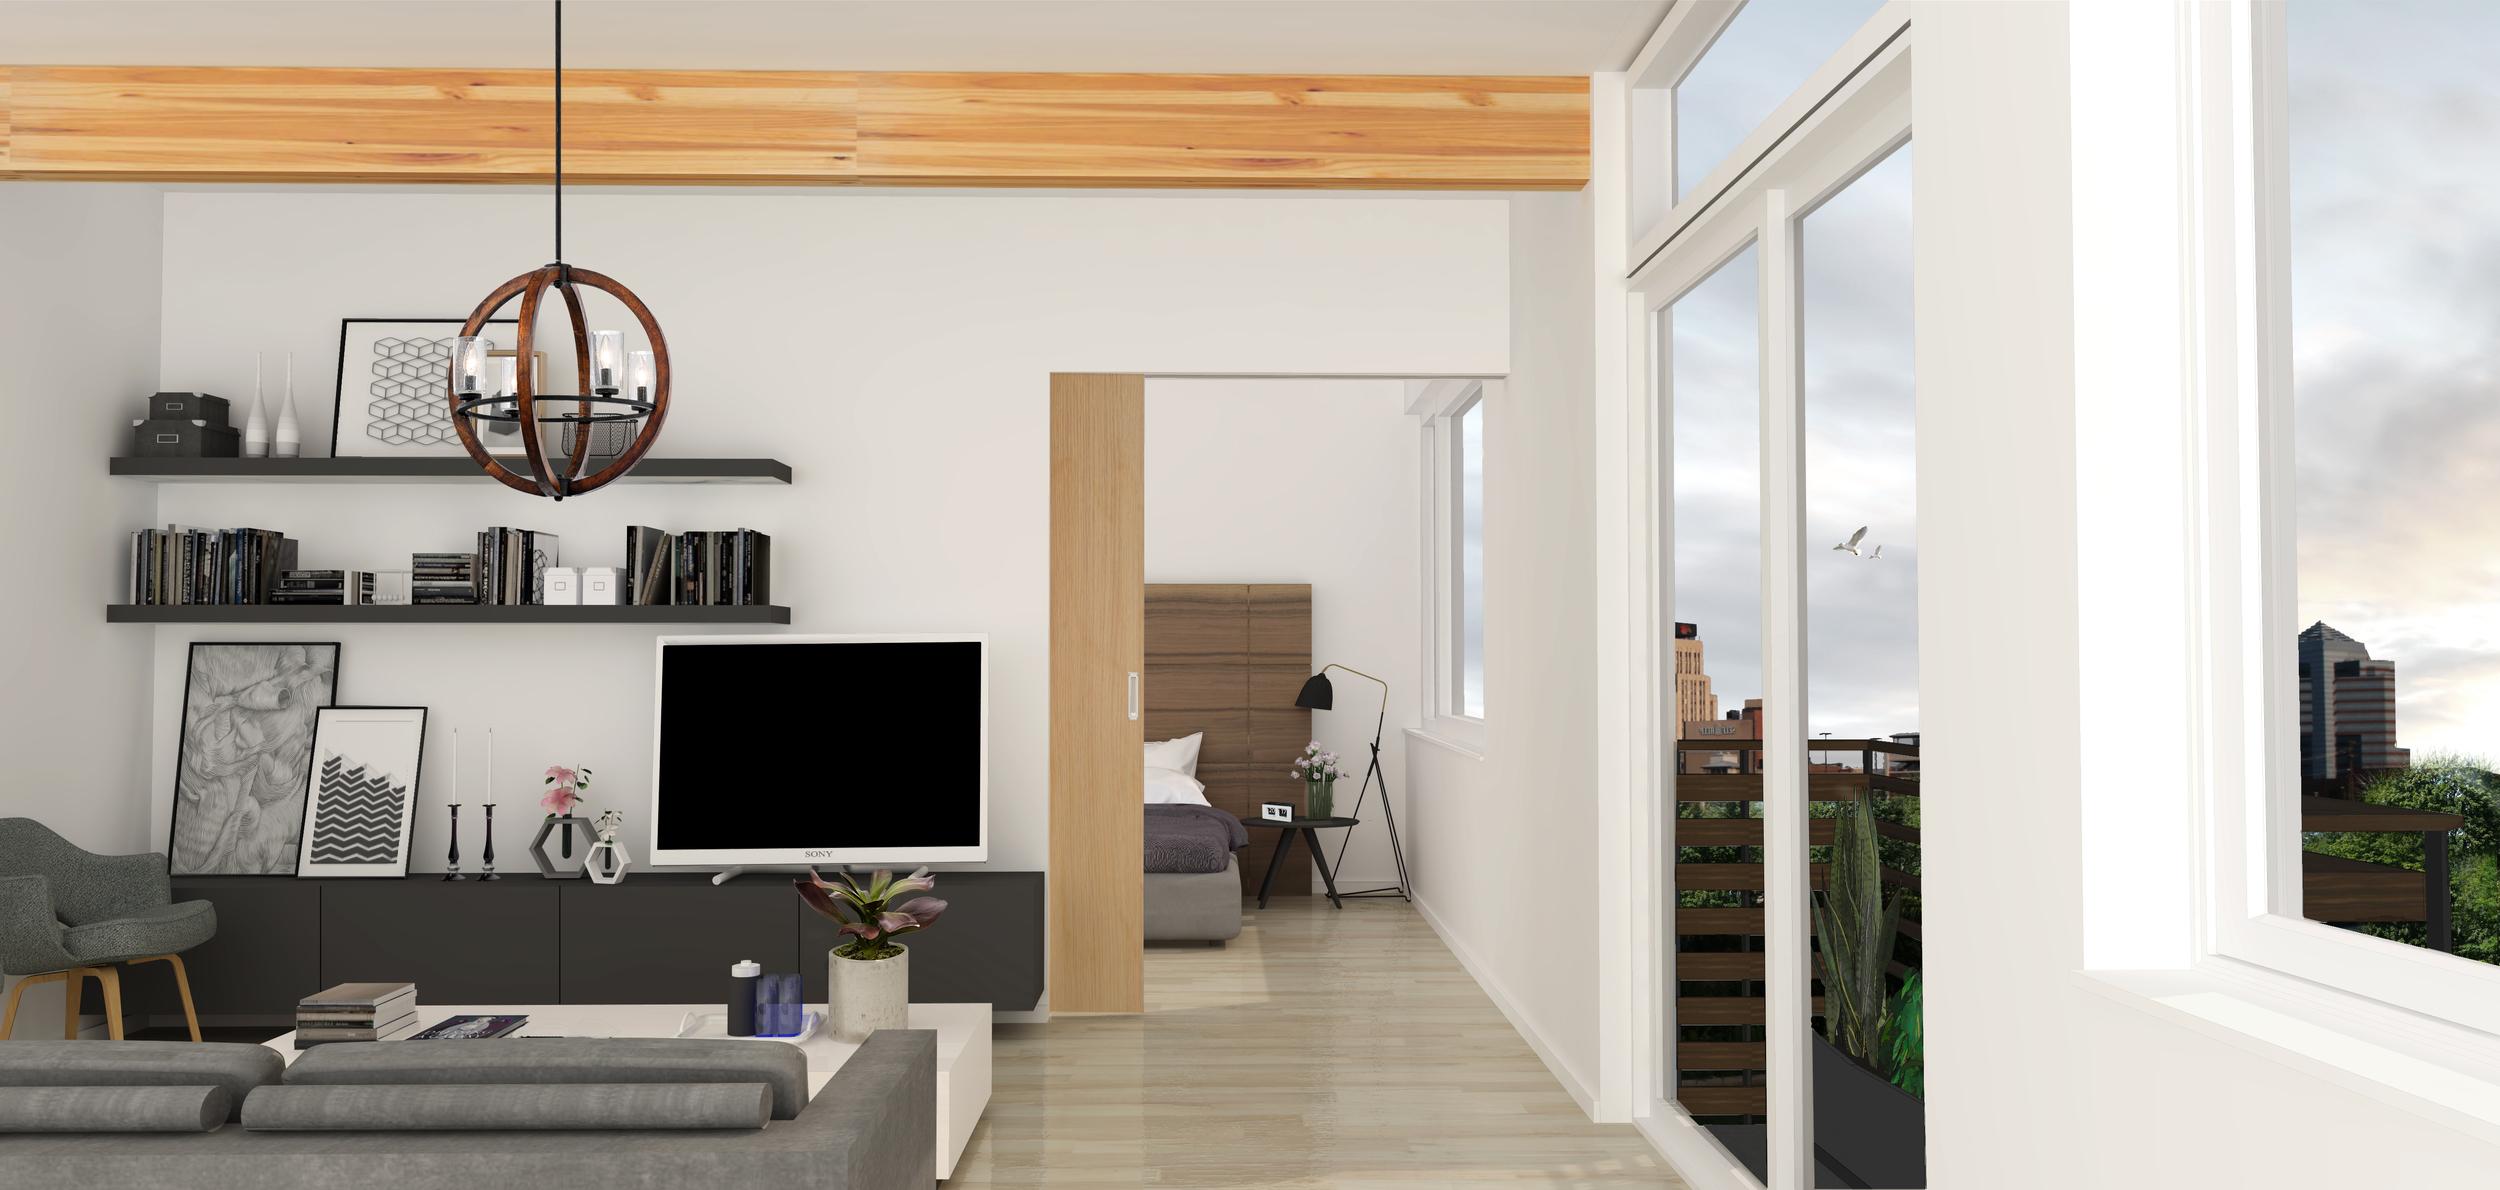 Mangum Flats Condo Interior 3